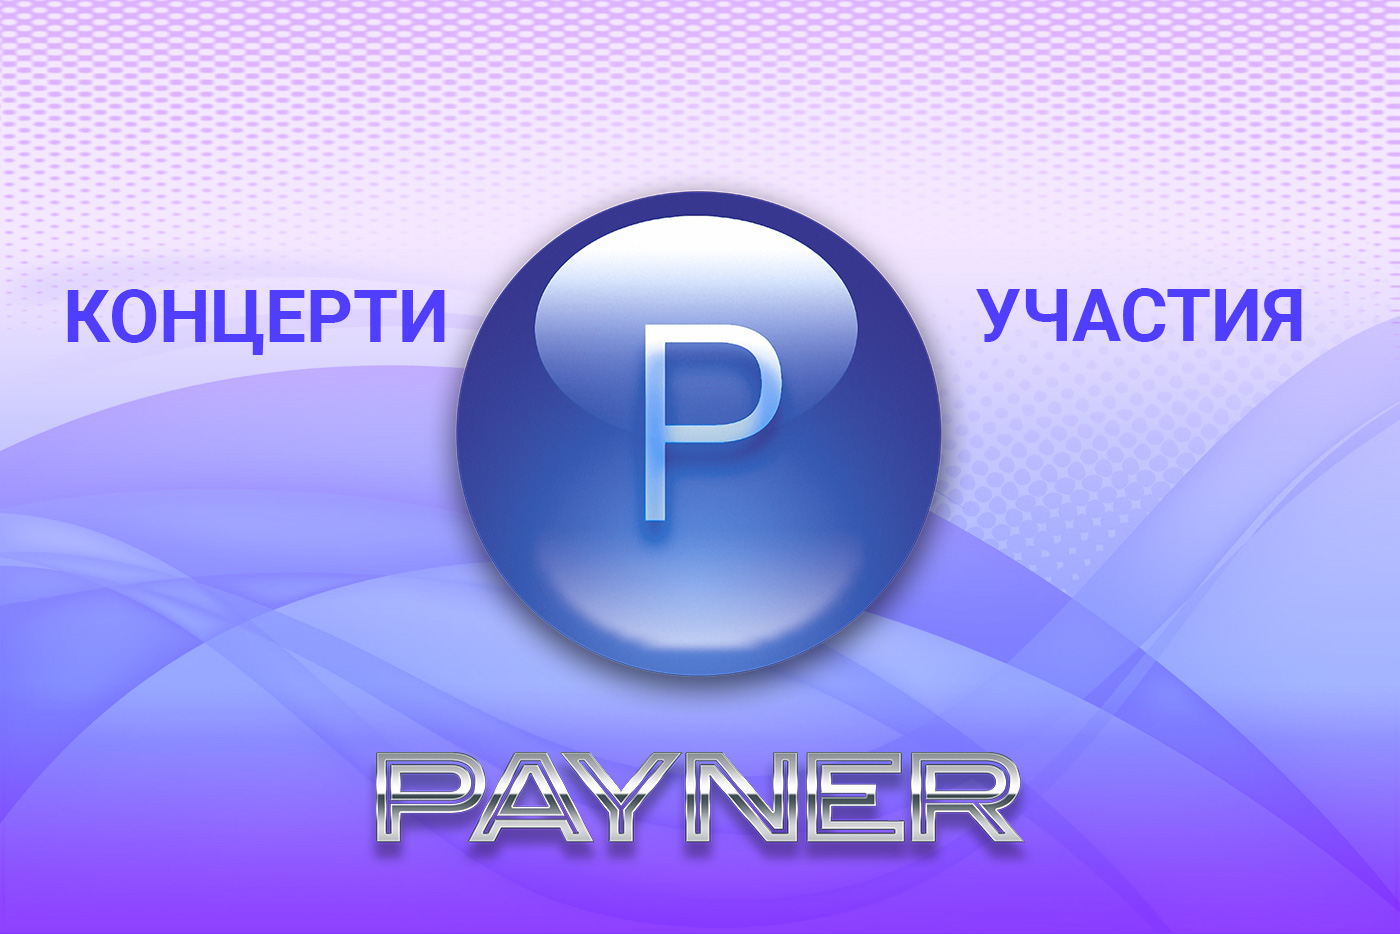 """Участия на звездите на """"Пайнер"""" на 29.01.2020"""